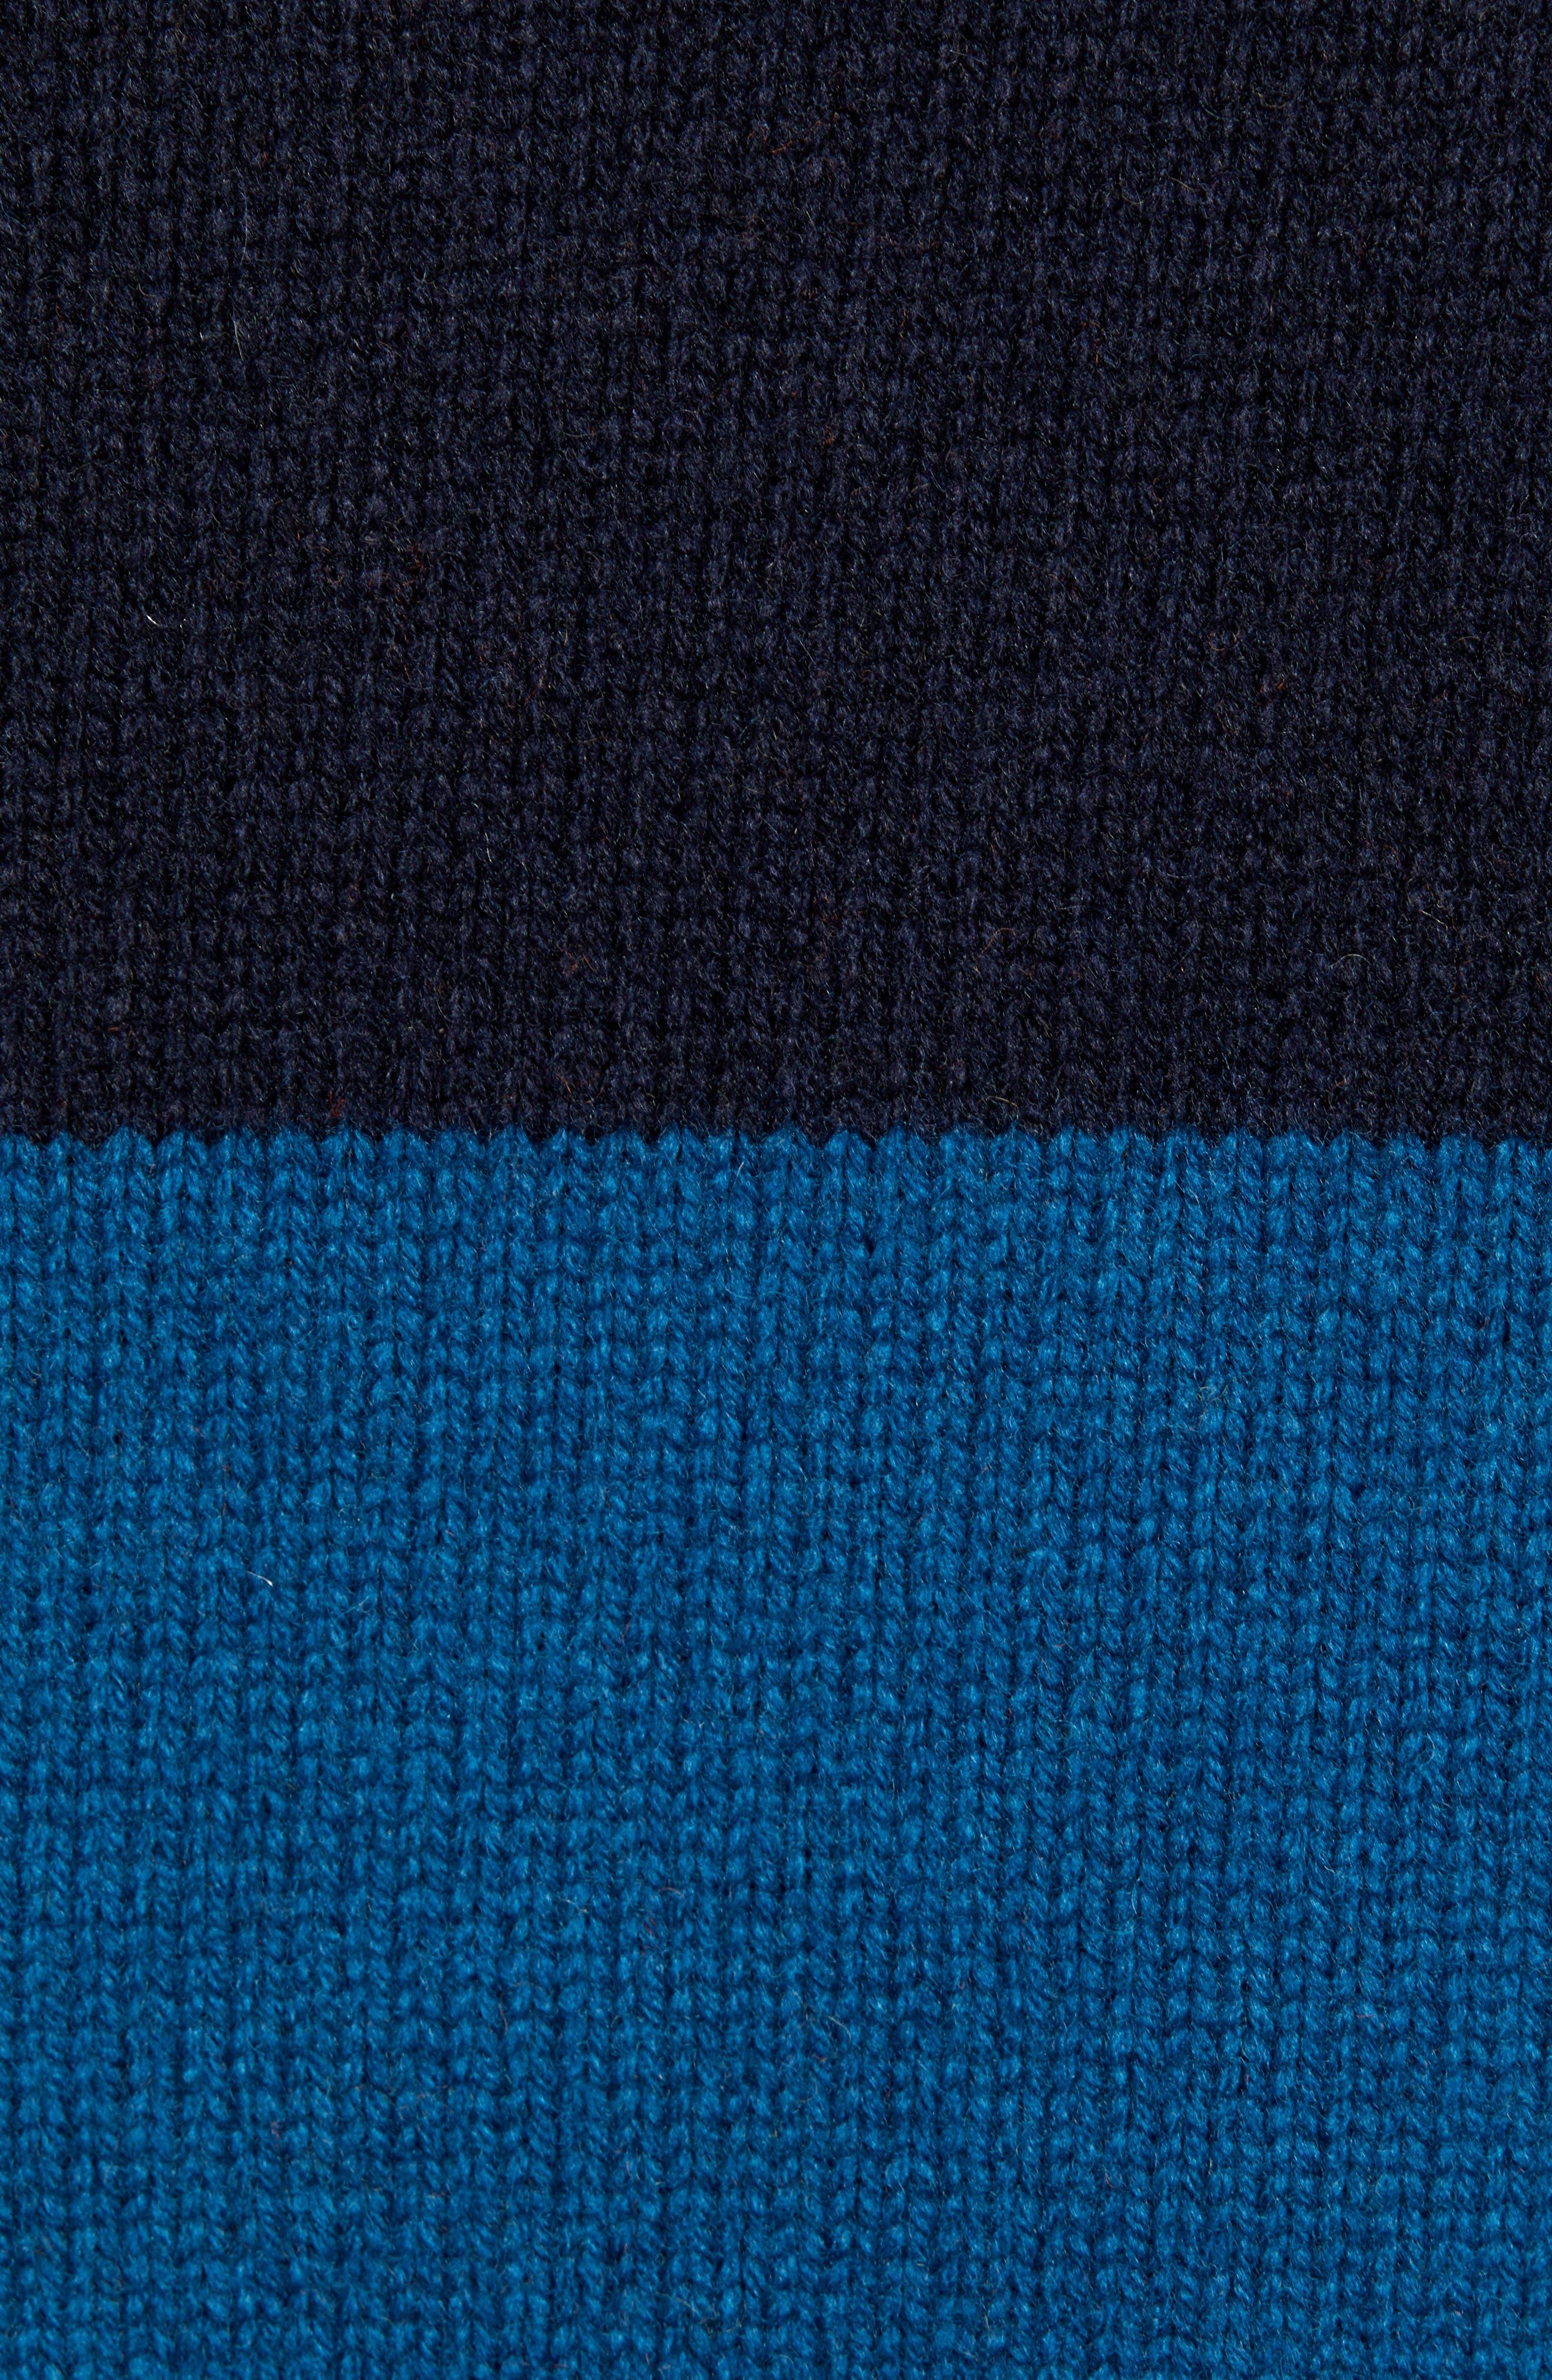 Goldner Stripe Wool Sweater,                             Alternate thumbnail 5, color,                             GOLD STRIPE DARK NAVY